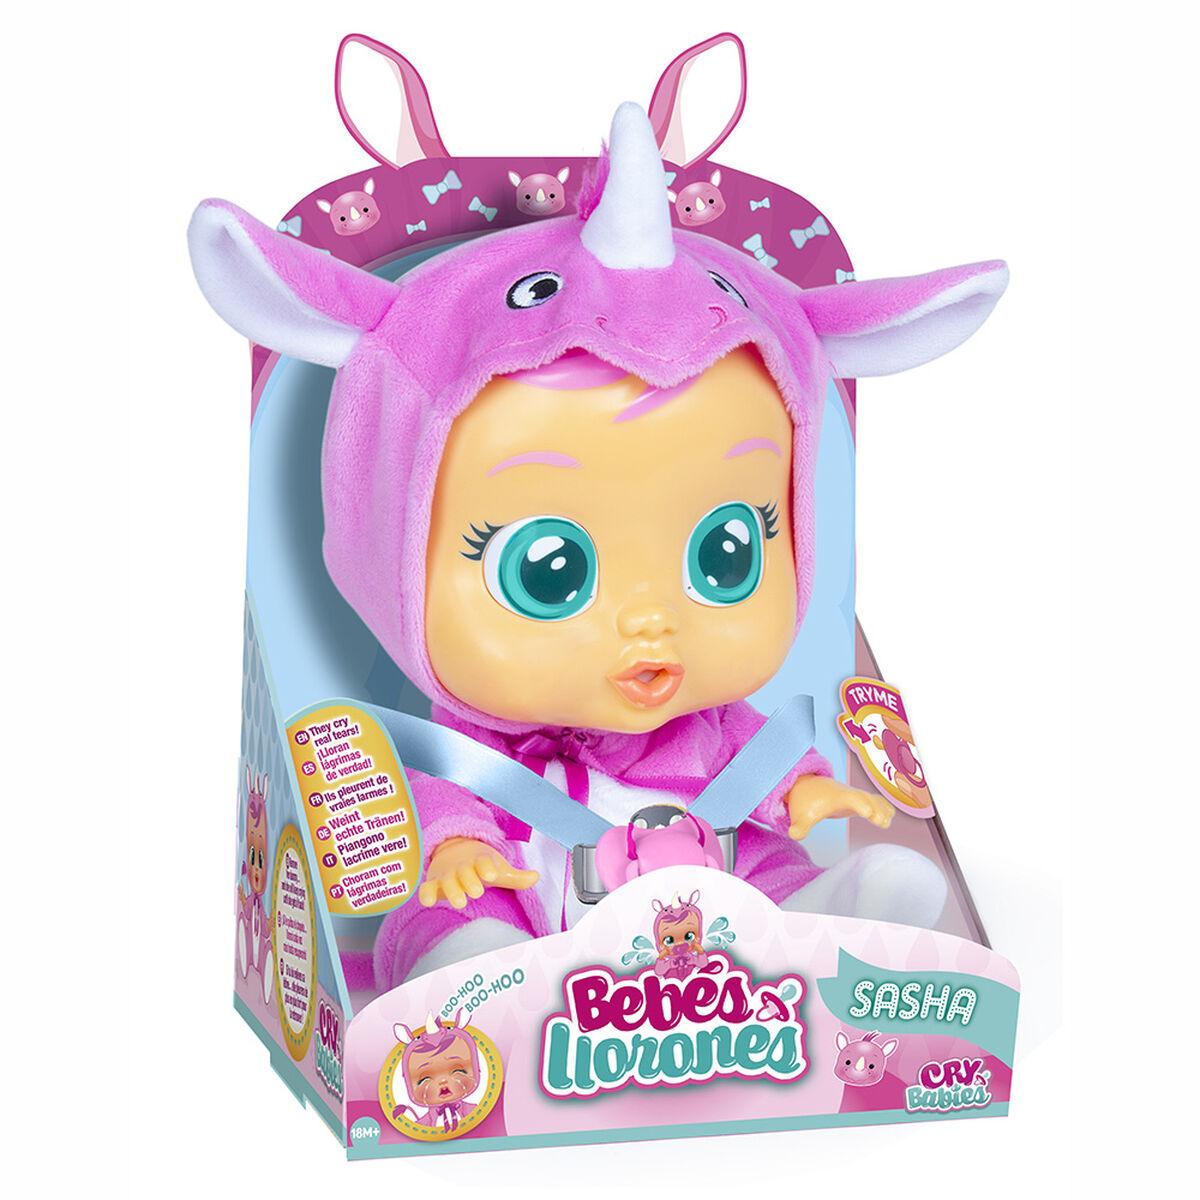 Muñeca Bebés Llorones Sasha